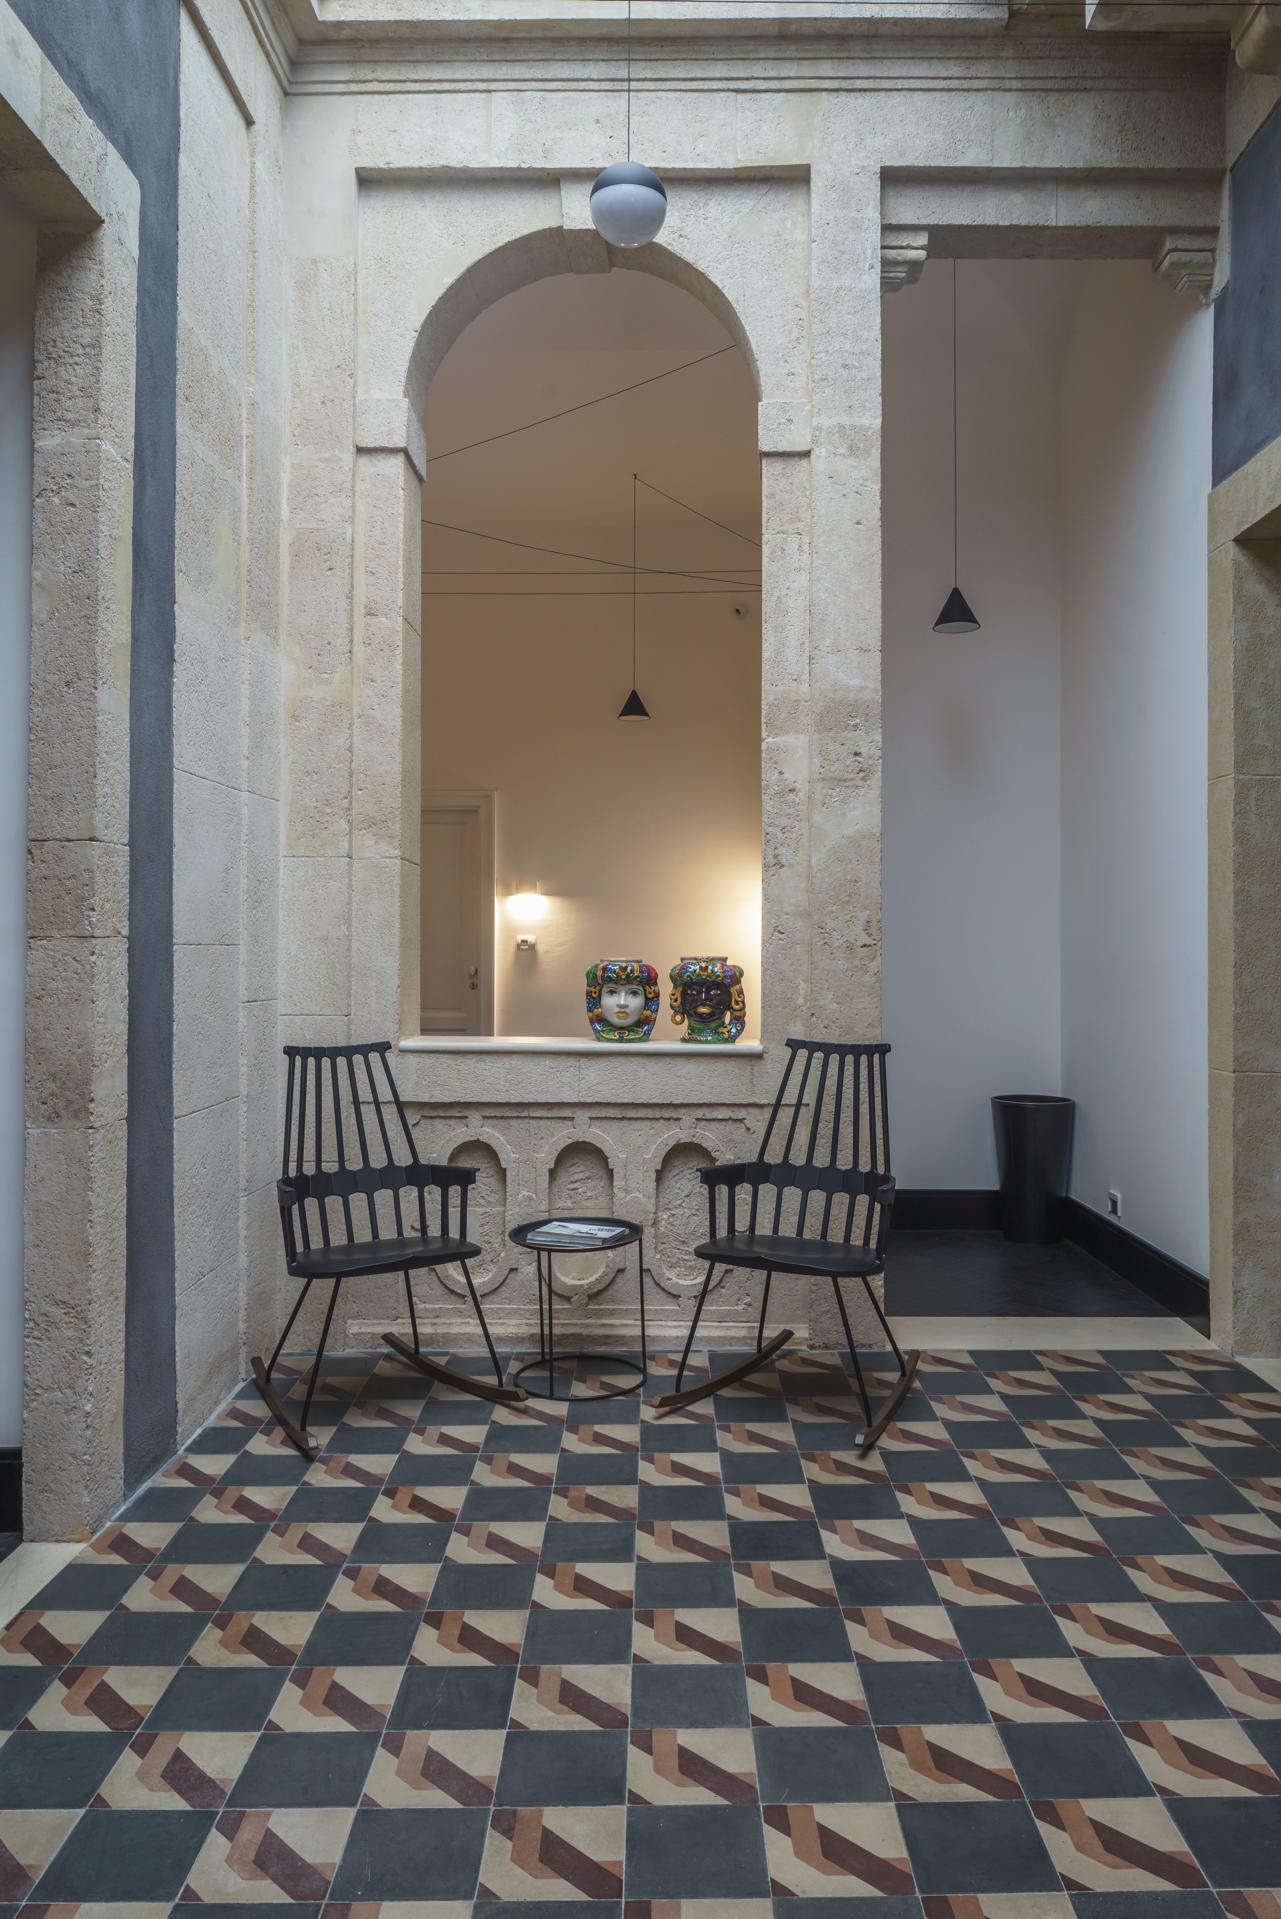 Cavedio-Arco-Hotel-BB-Piazza-Mazzini-Centro-Catania